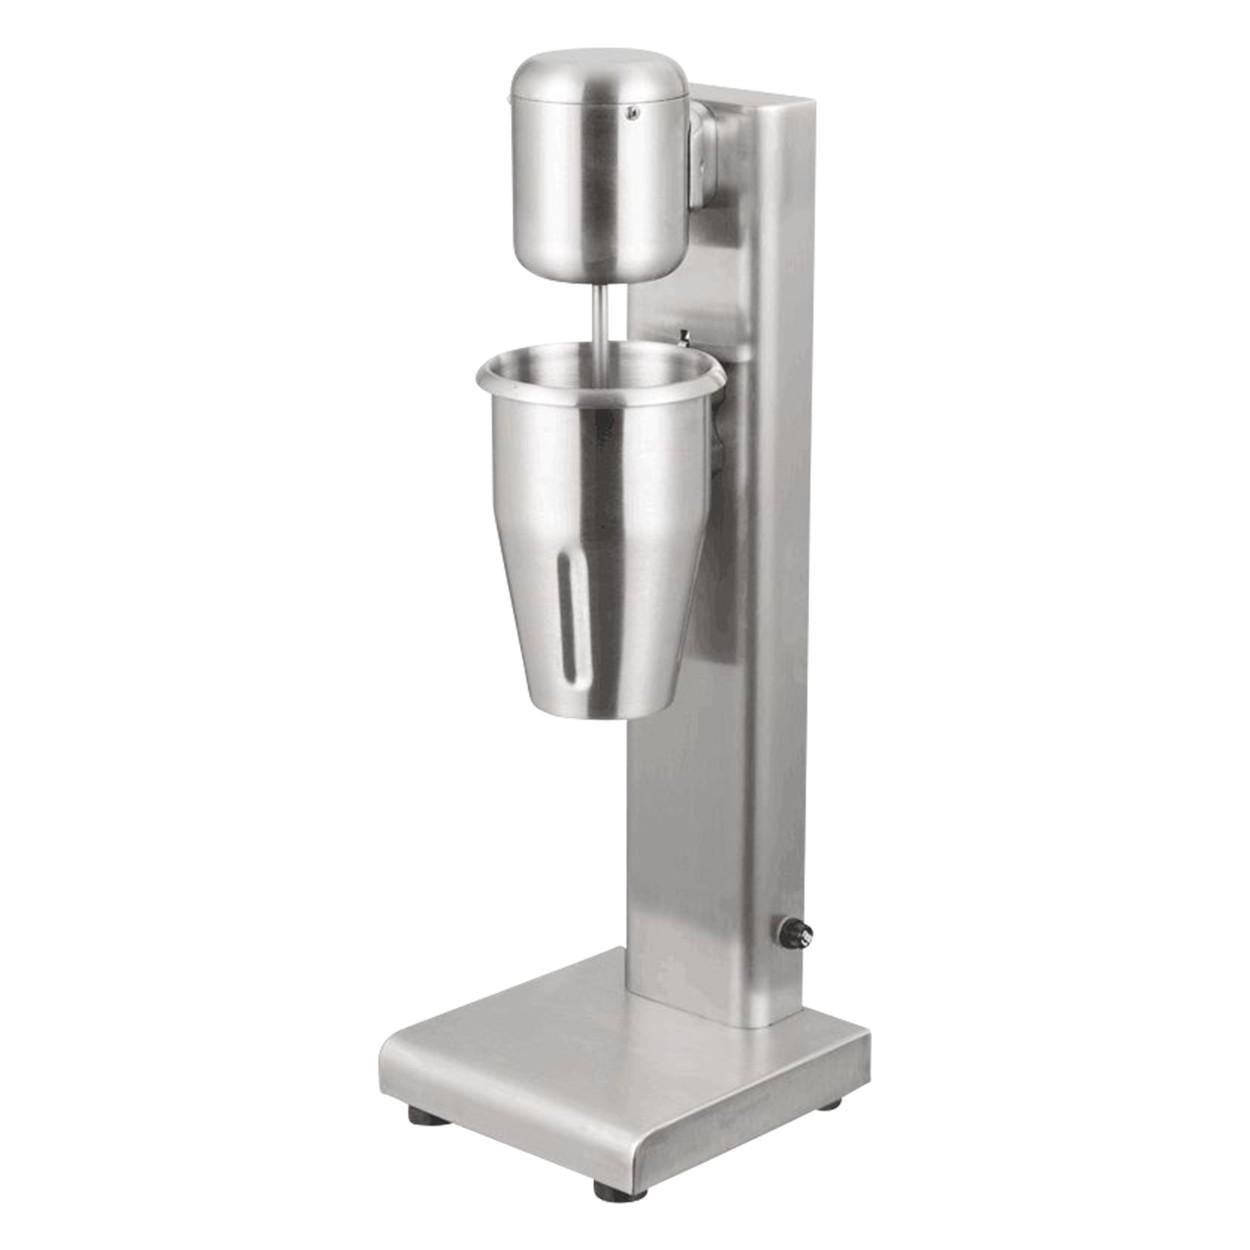 Milchshaker 180 Watt 17000 U/min 1000 ml Mixer aus Edelstahl für ...